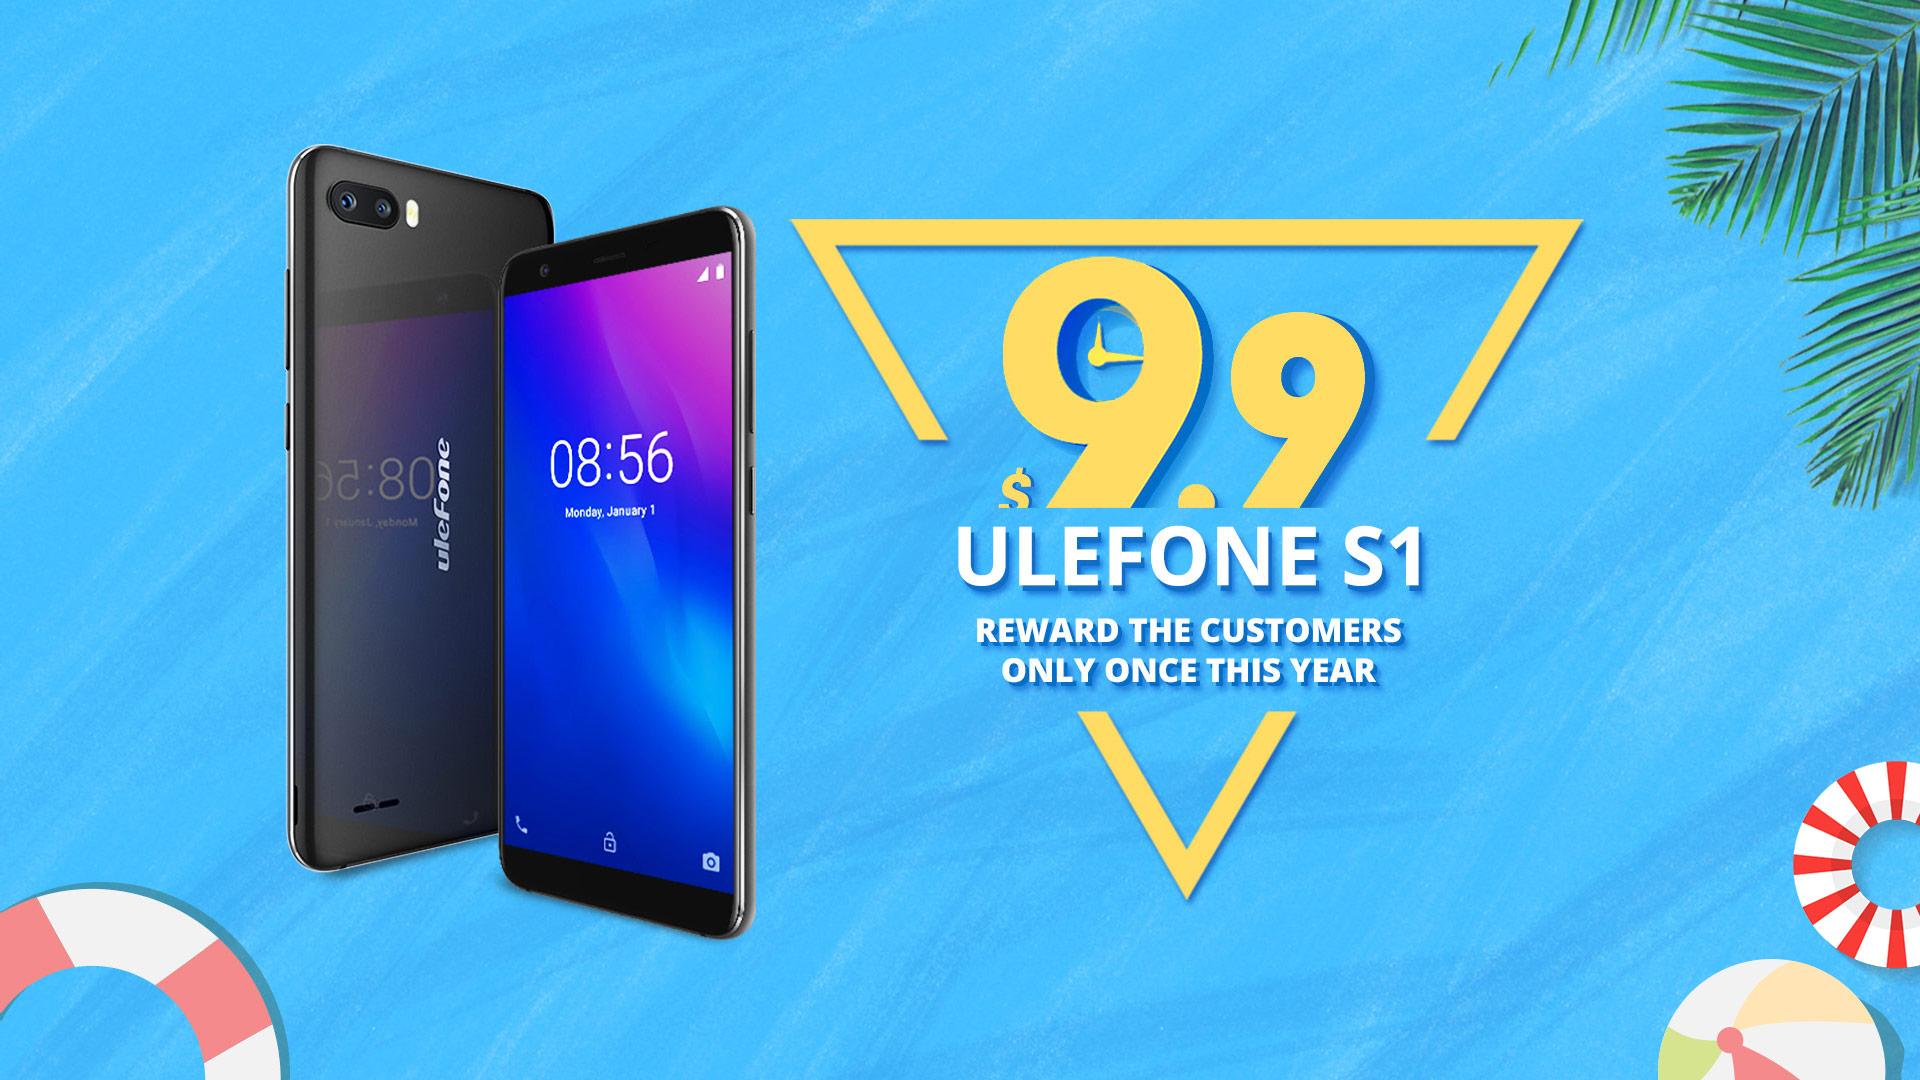 Nový model Ulefone S1 exkluzivně za 200 korun [Sponzorovaný článek]